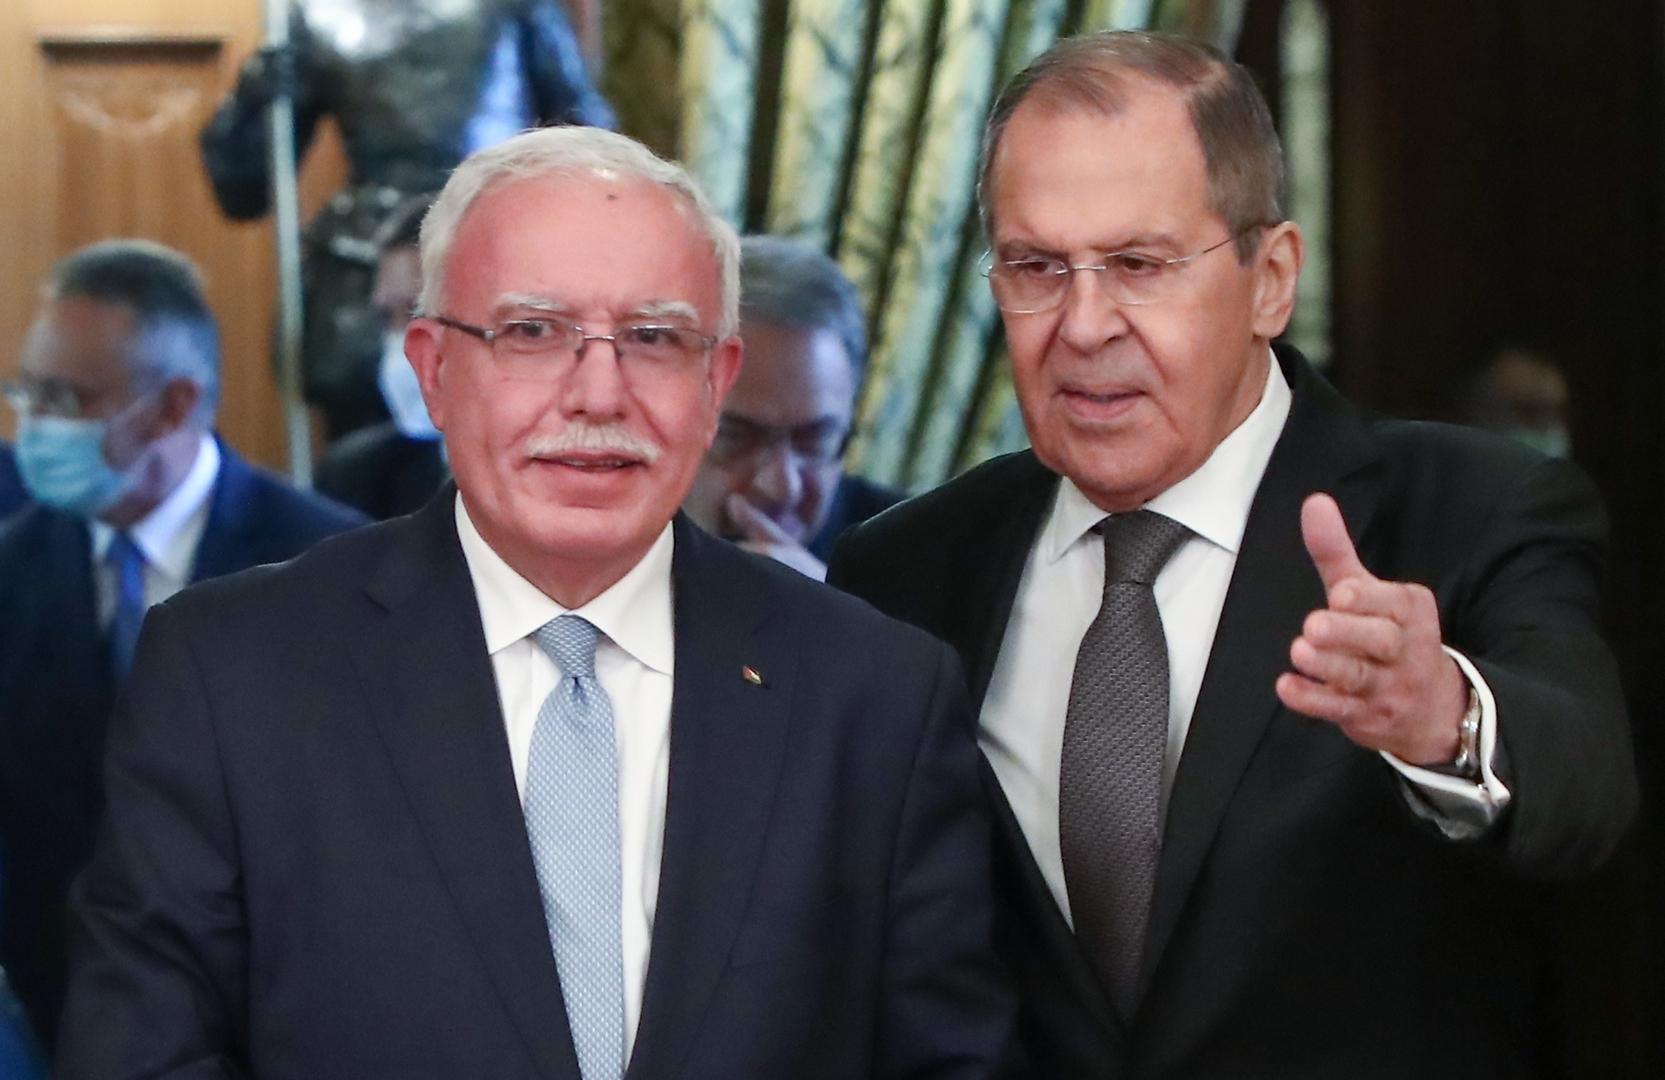 لافروف: التطبيع بين إسرائيل ودول عربية يجب ألا يهمش القضية الفلسطينية